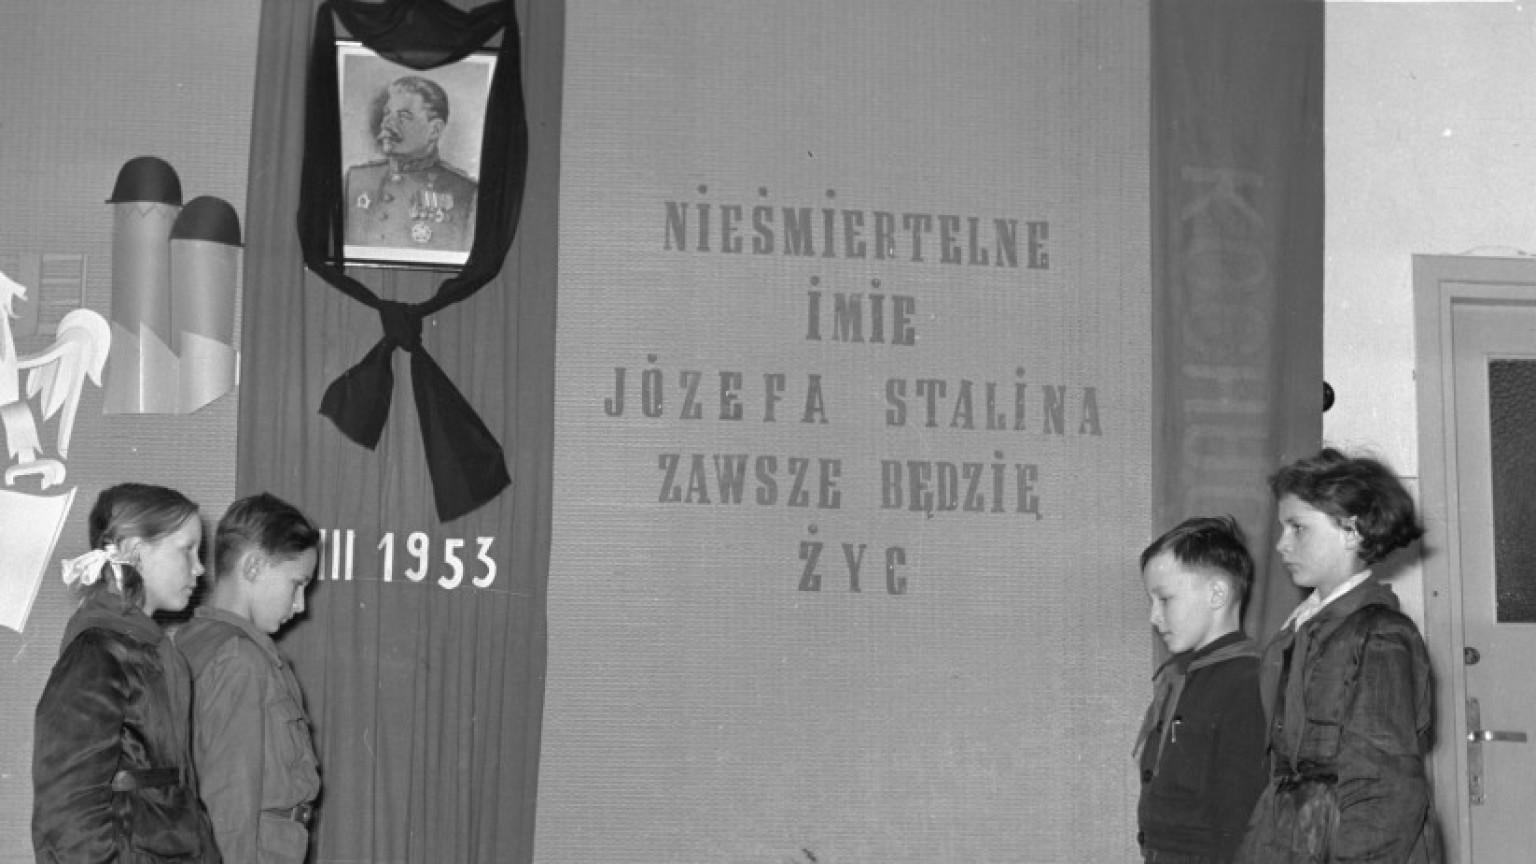 Zdjęcie dla kartki: Żałoba po śmierci Stalina